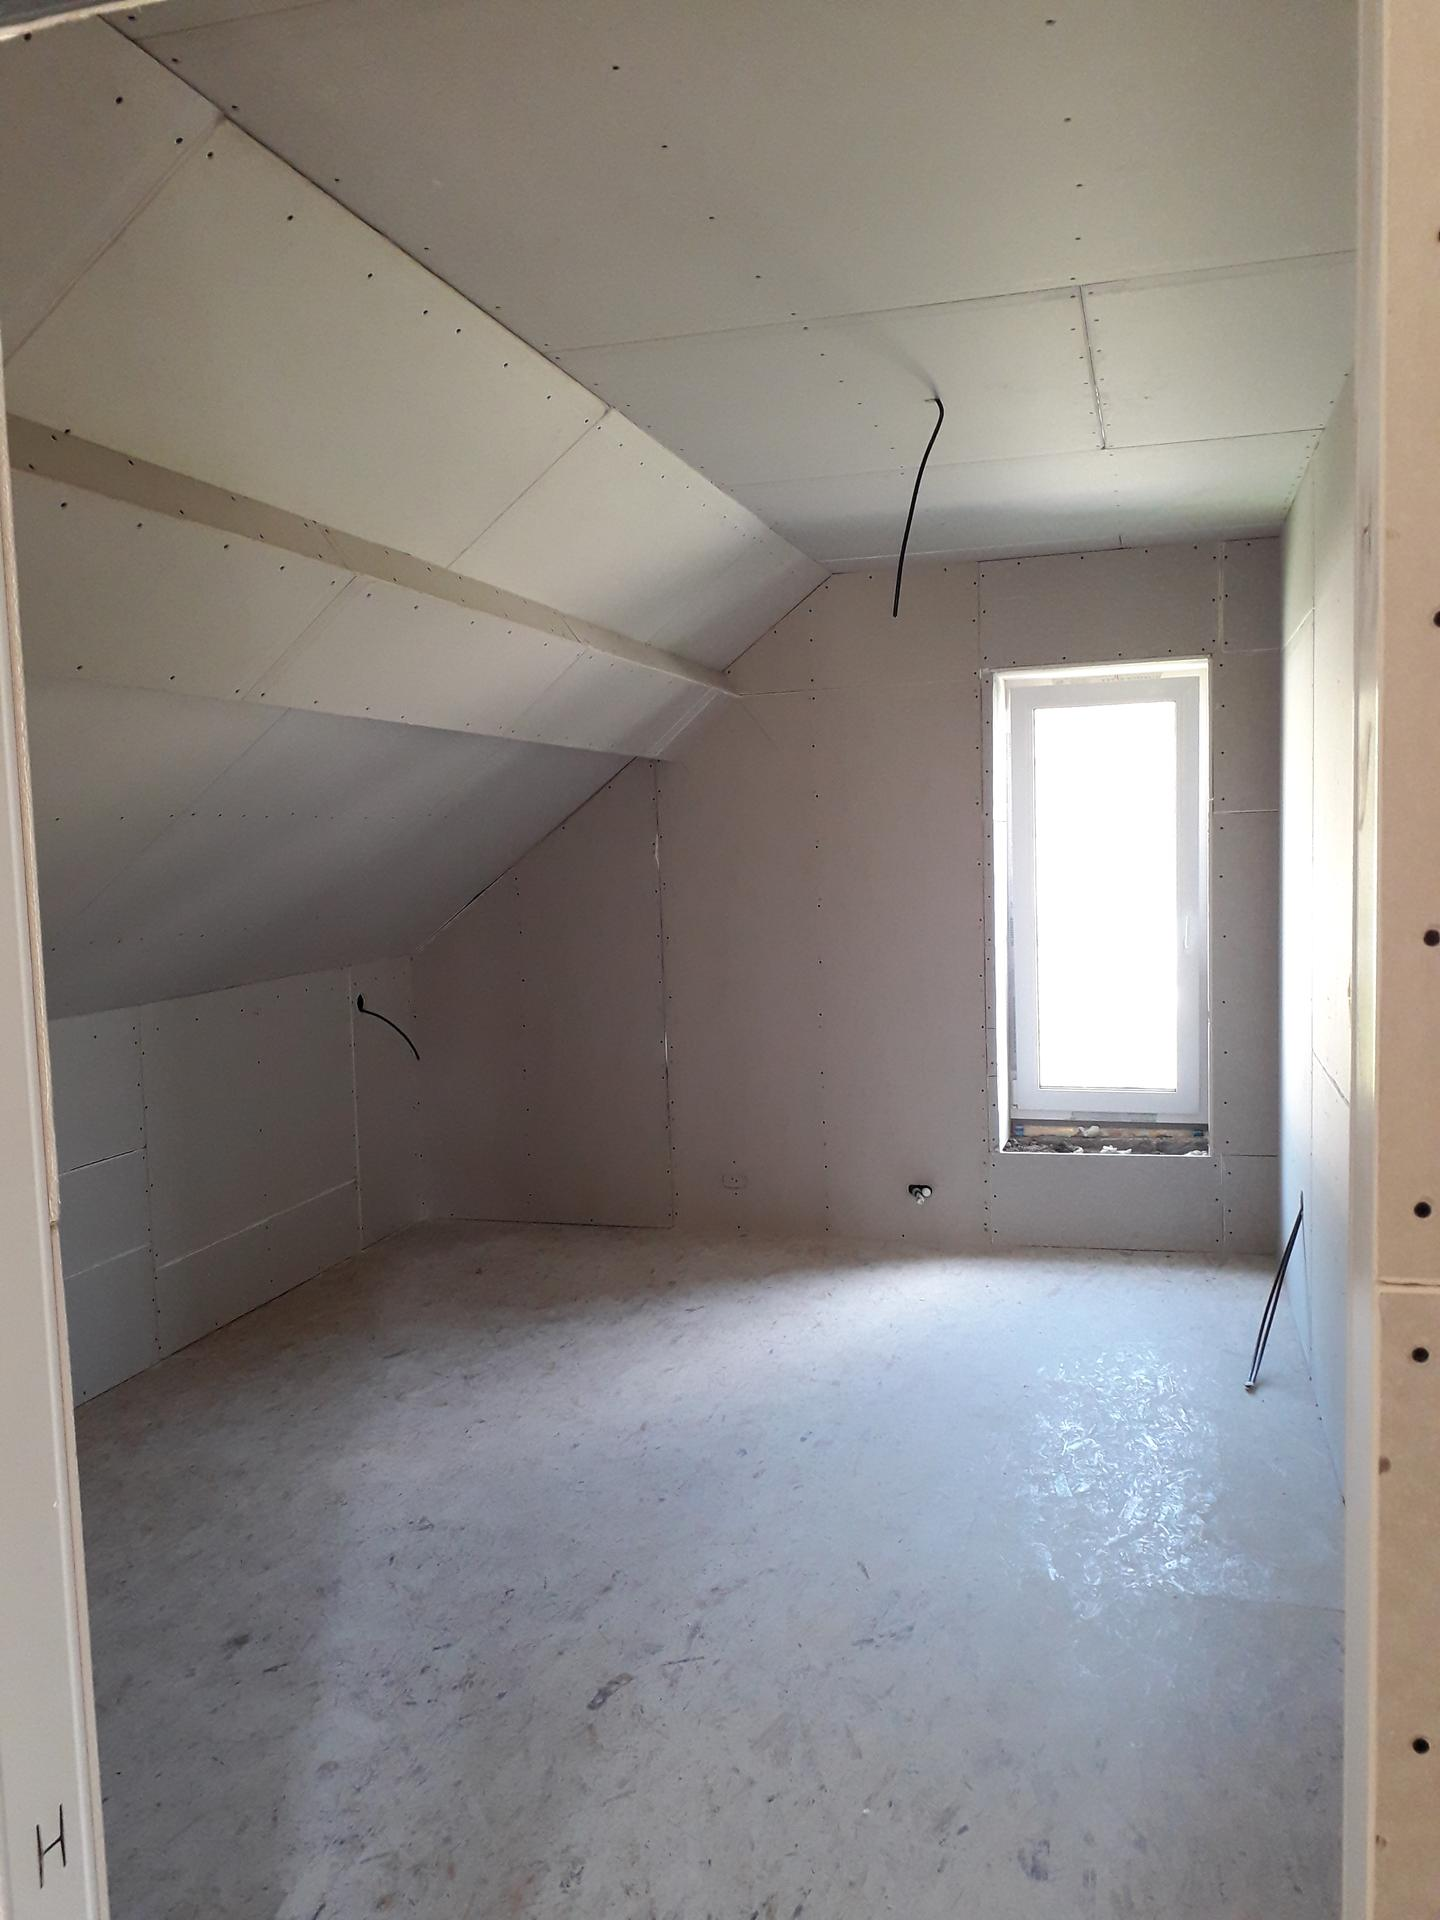 Dom/rekonštrukcia, sen/náročné obdobie :-) - izba- dcéra 10/2019